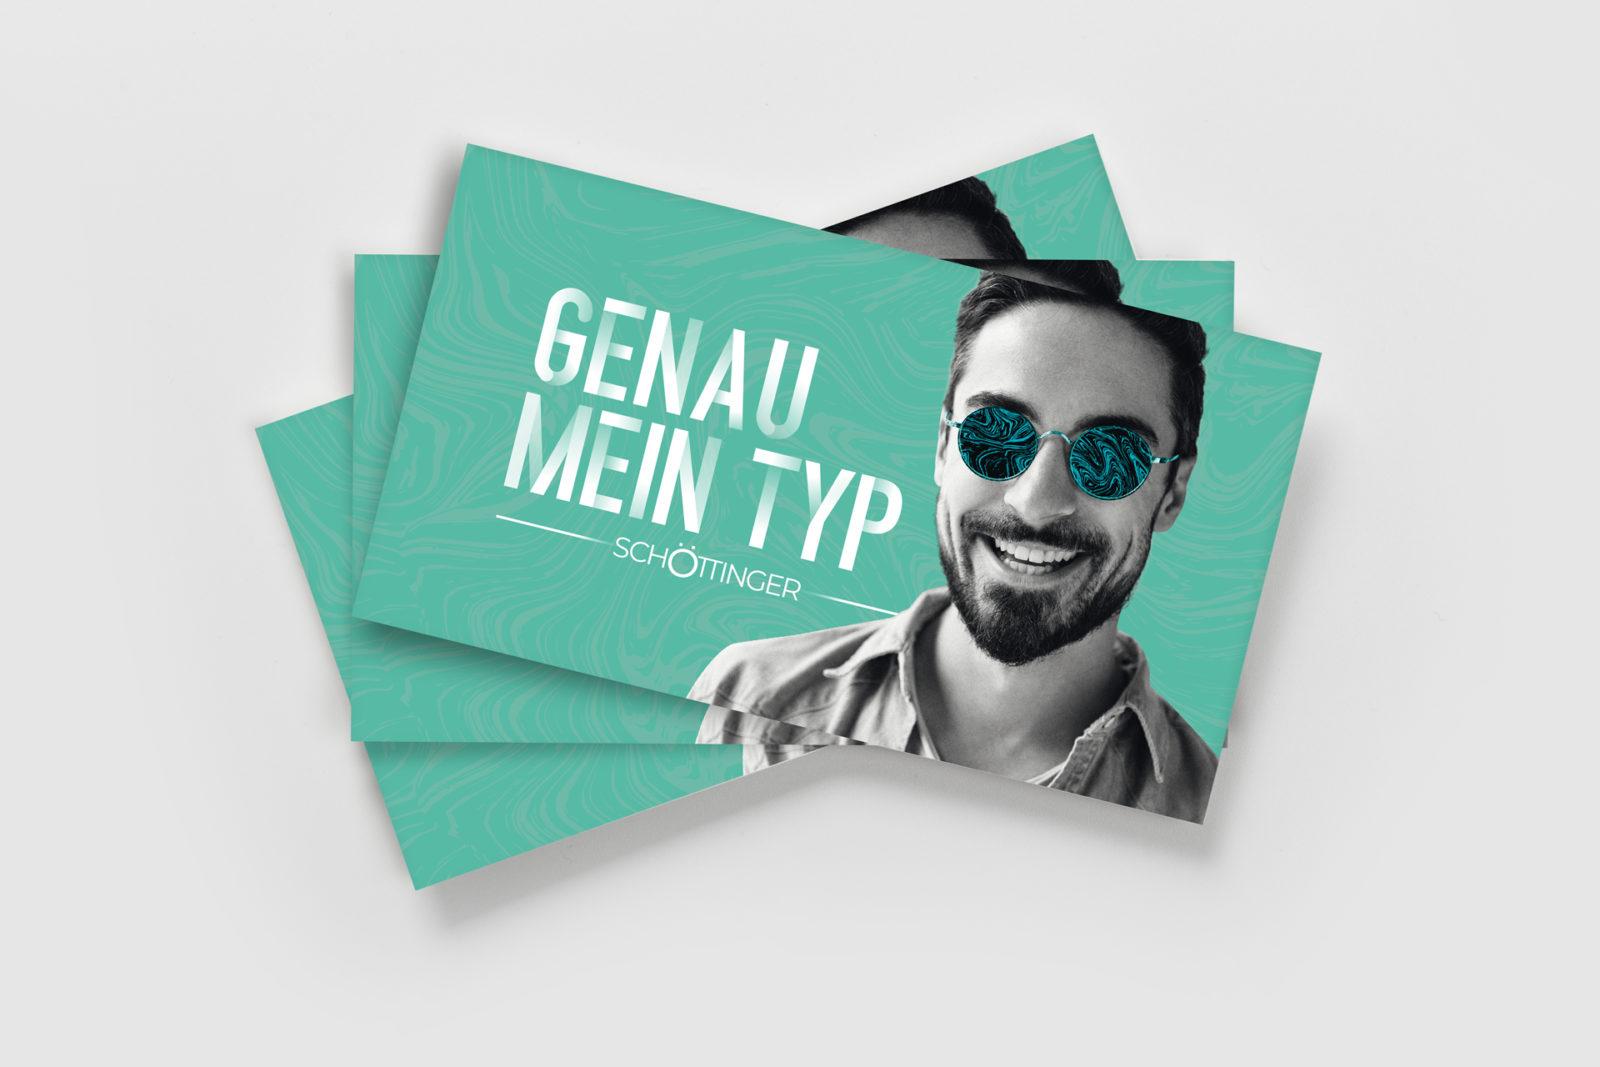 Sabath Media Werbeagentur - Wir sind die Brille Schöttinger GmbH - Referenzbild 1